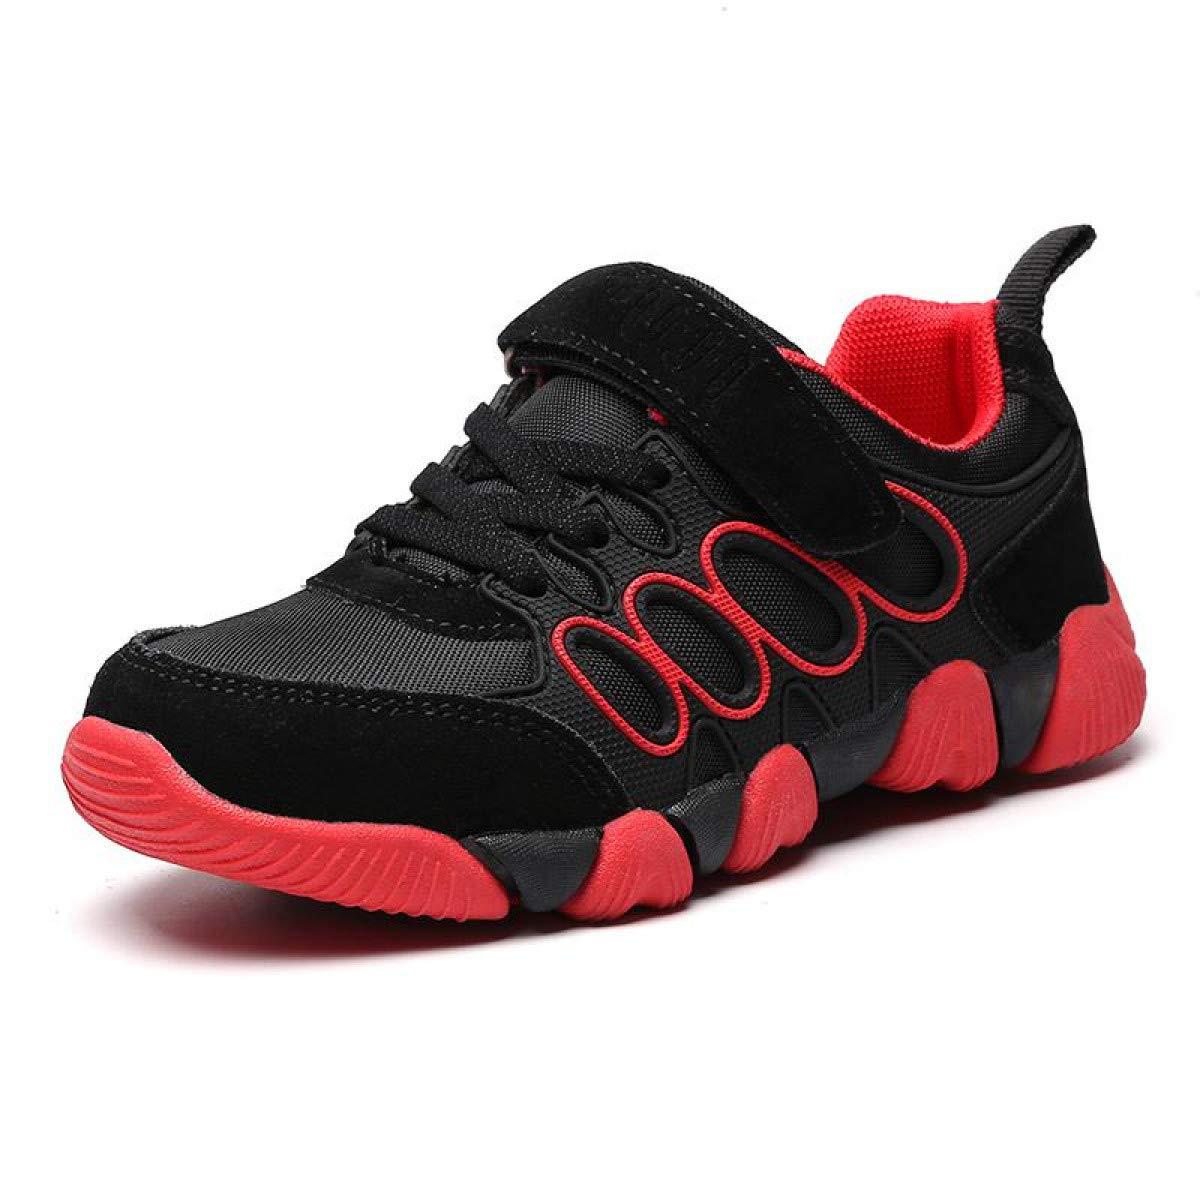 Amazon.com: BIG LION Children Shoes Classic Tank Shoes ...